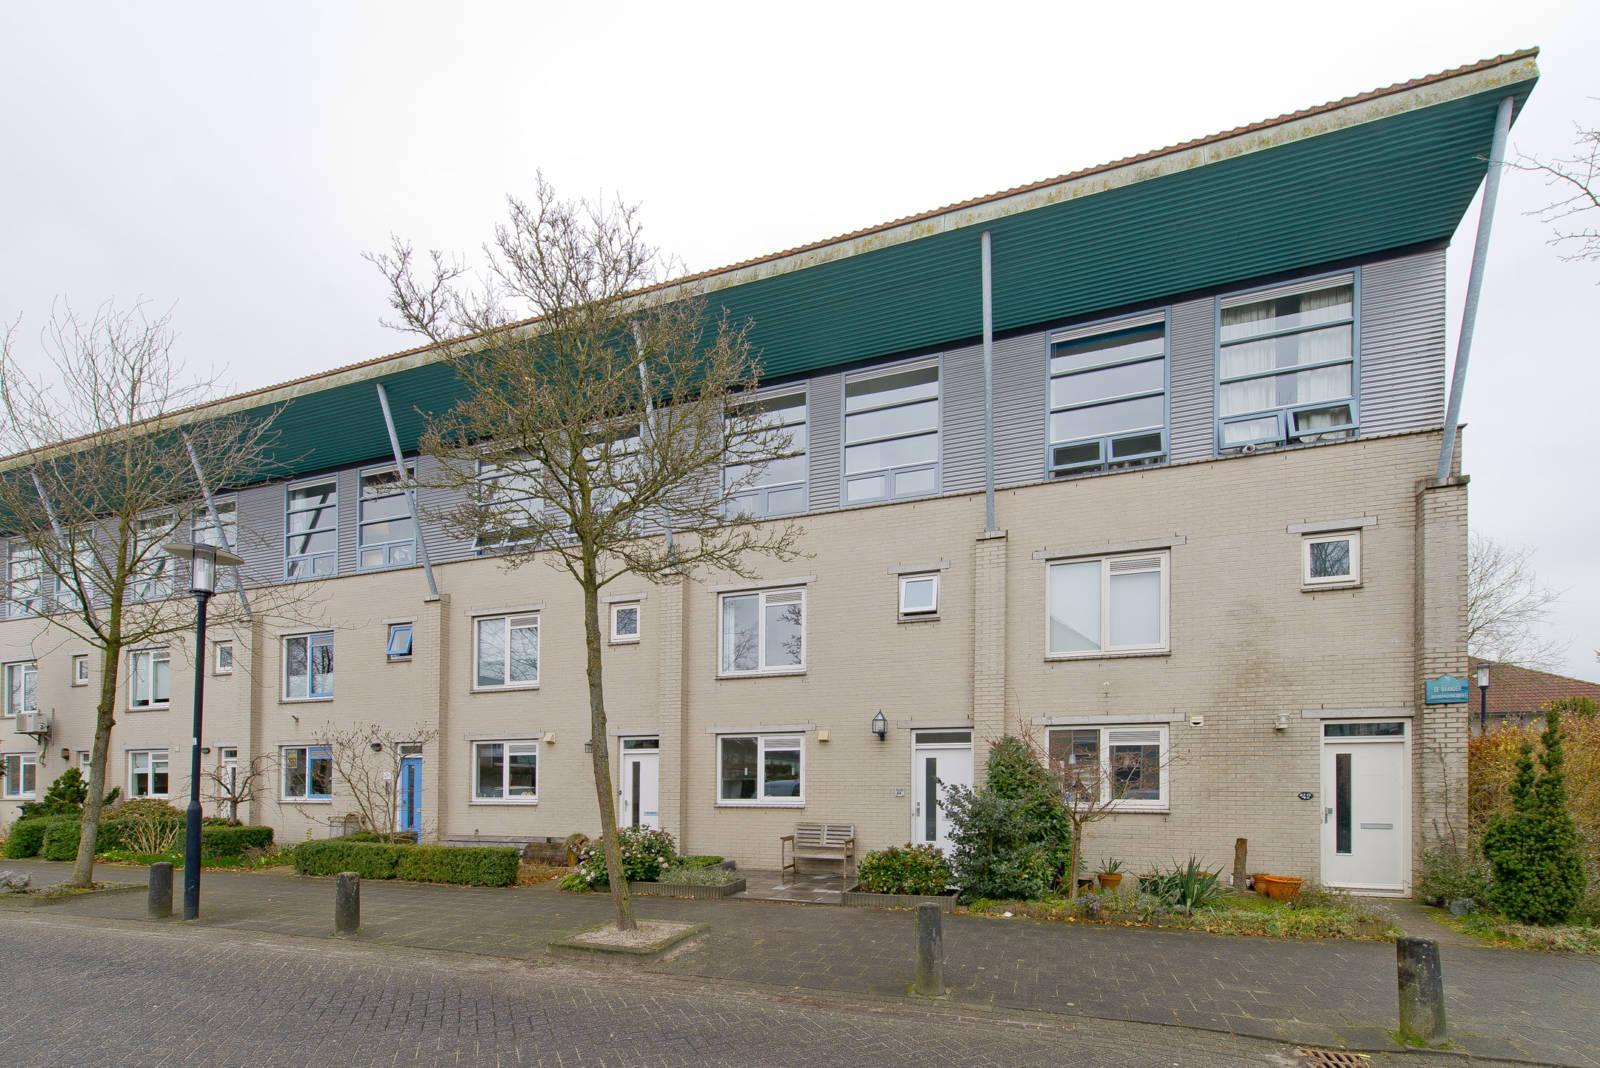 Huis kopen <Amersfoort><De Baander><44>